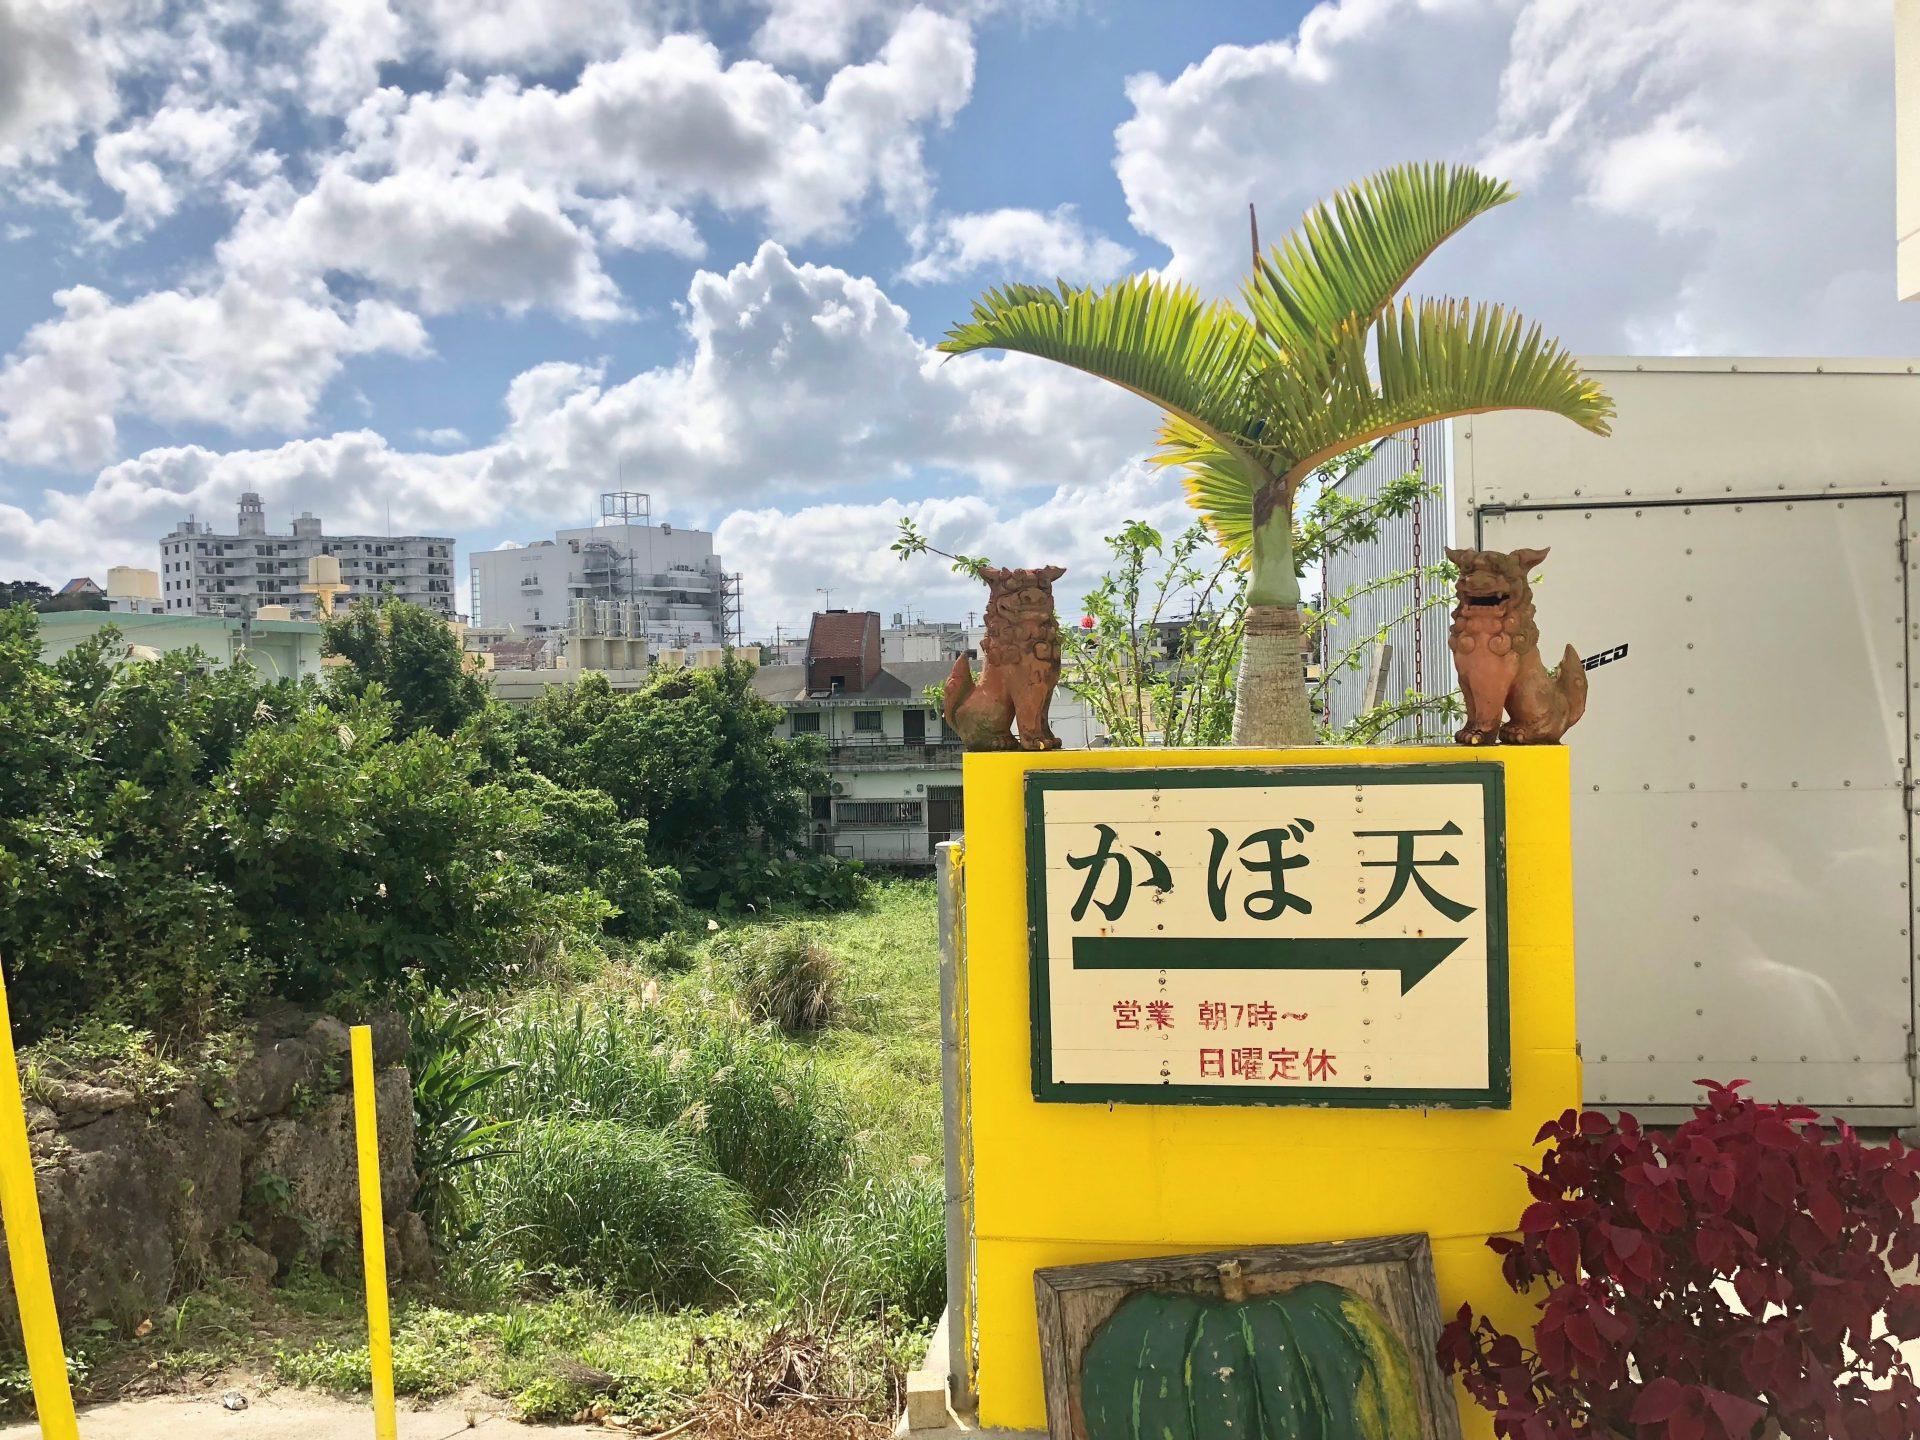 かぼ天の店なかそね 沖縄市 沖縄 サーターアンダギー おすすめ グルメ 旅行 観光